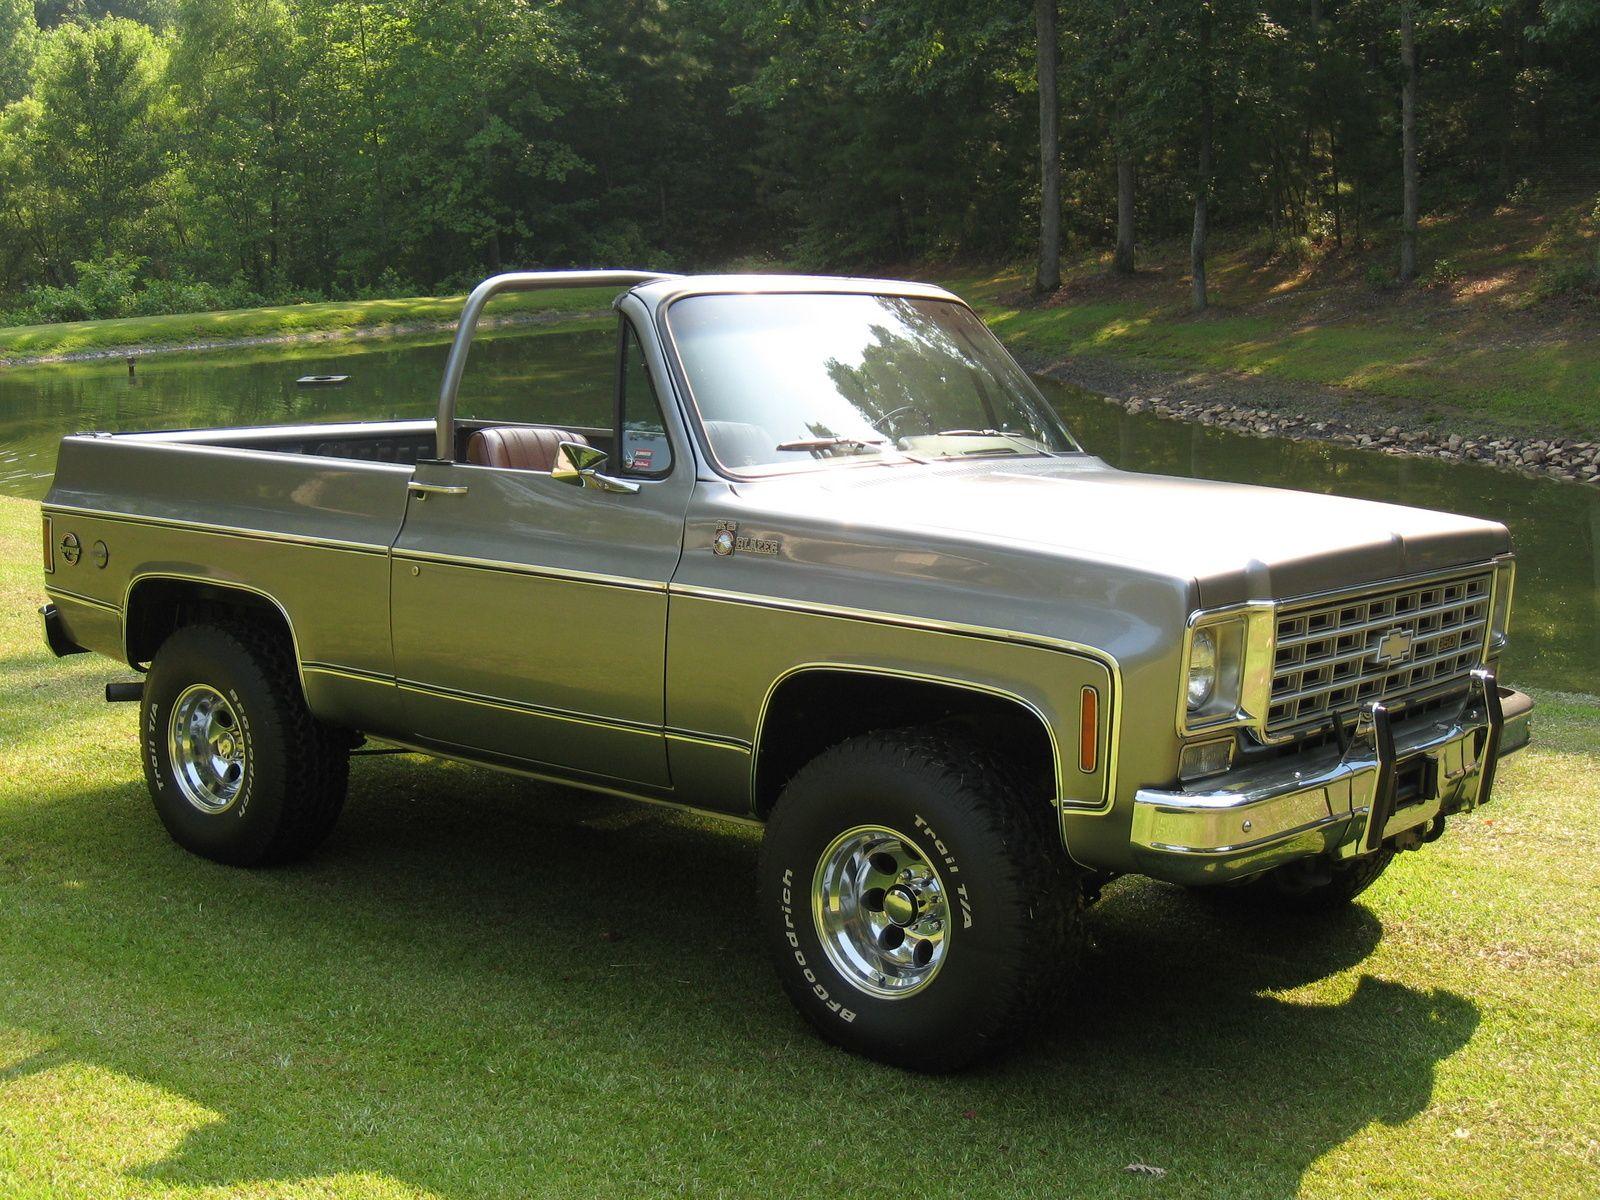 1975 Chevrolet Blazer Chevy Trucks Trucks Chevrolet Trucks